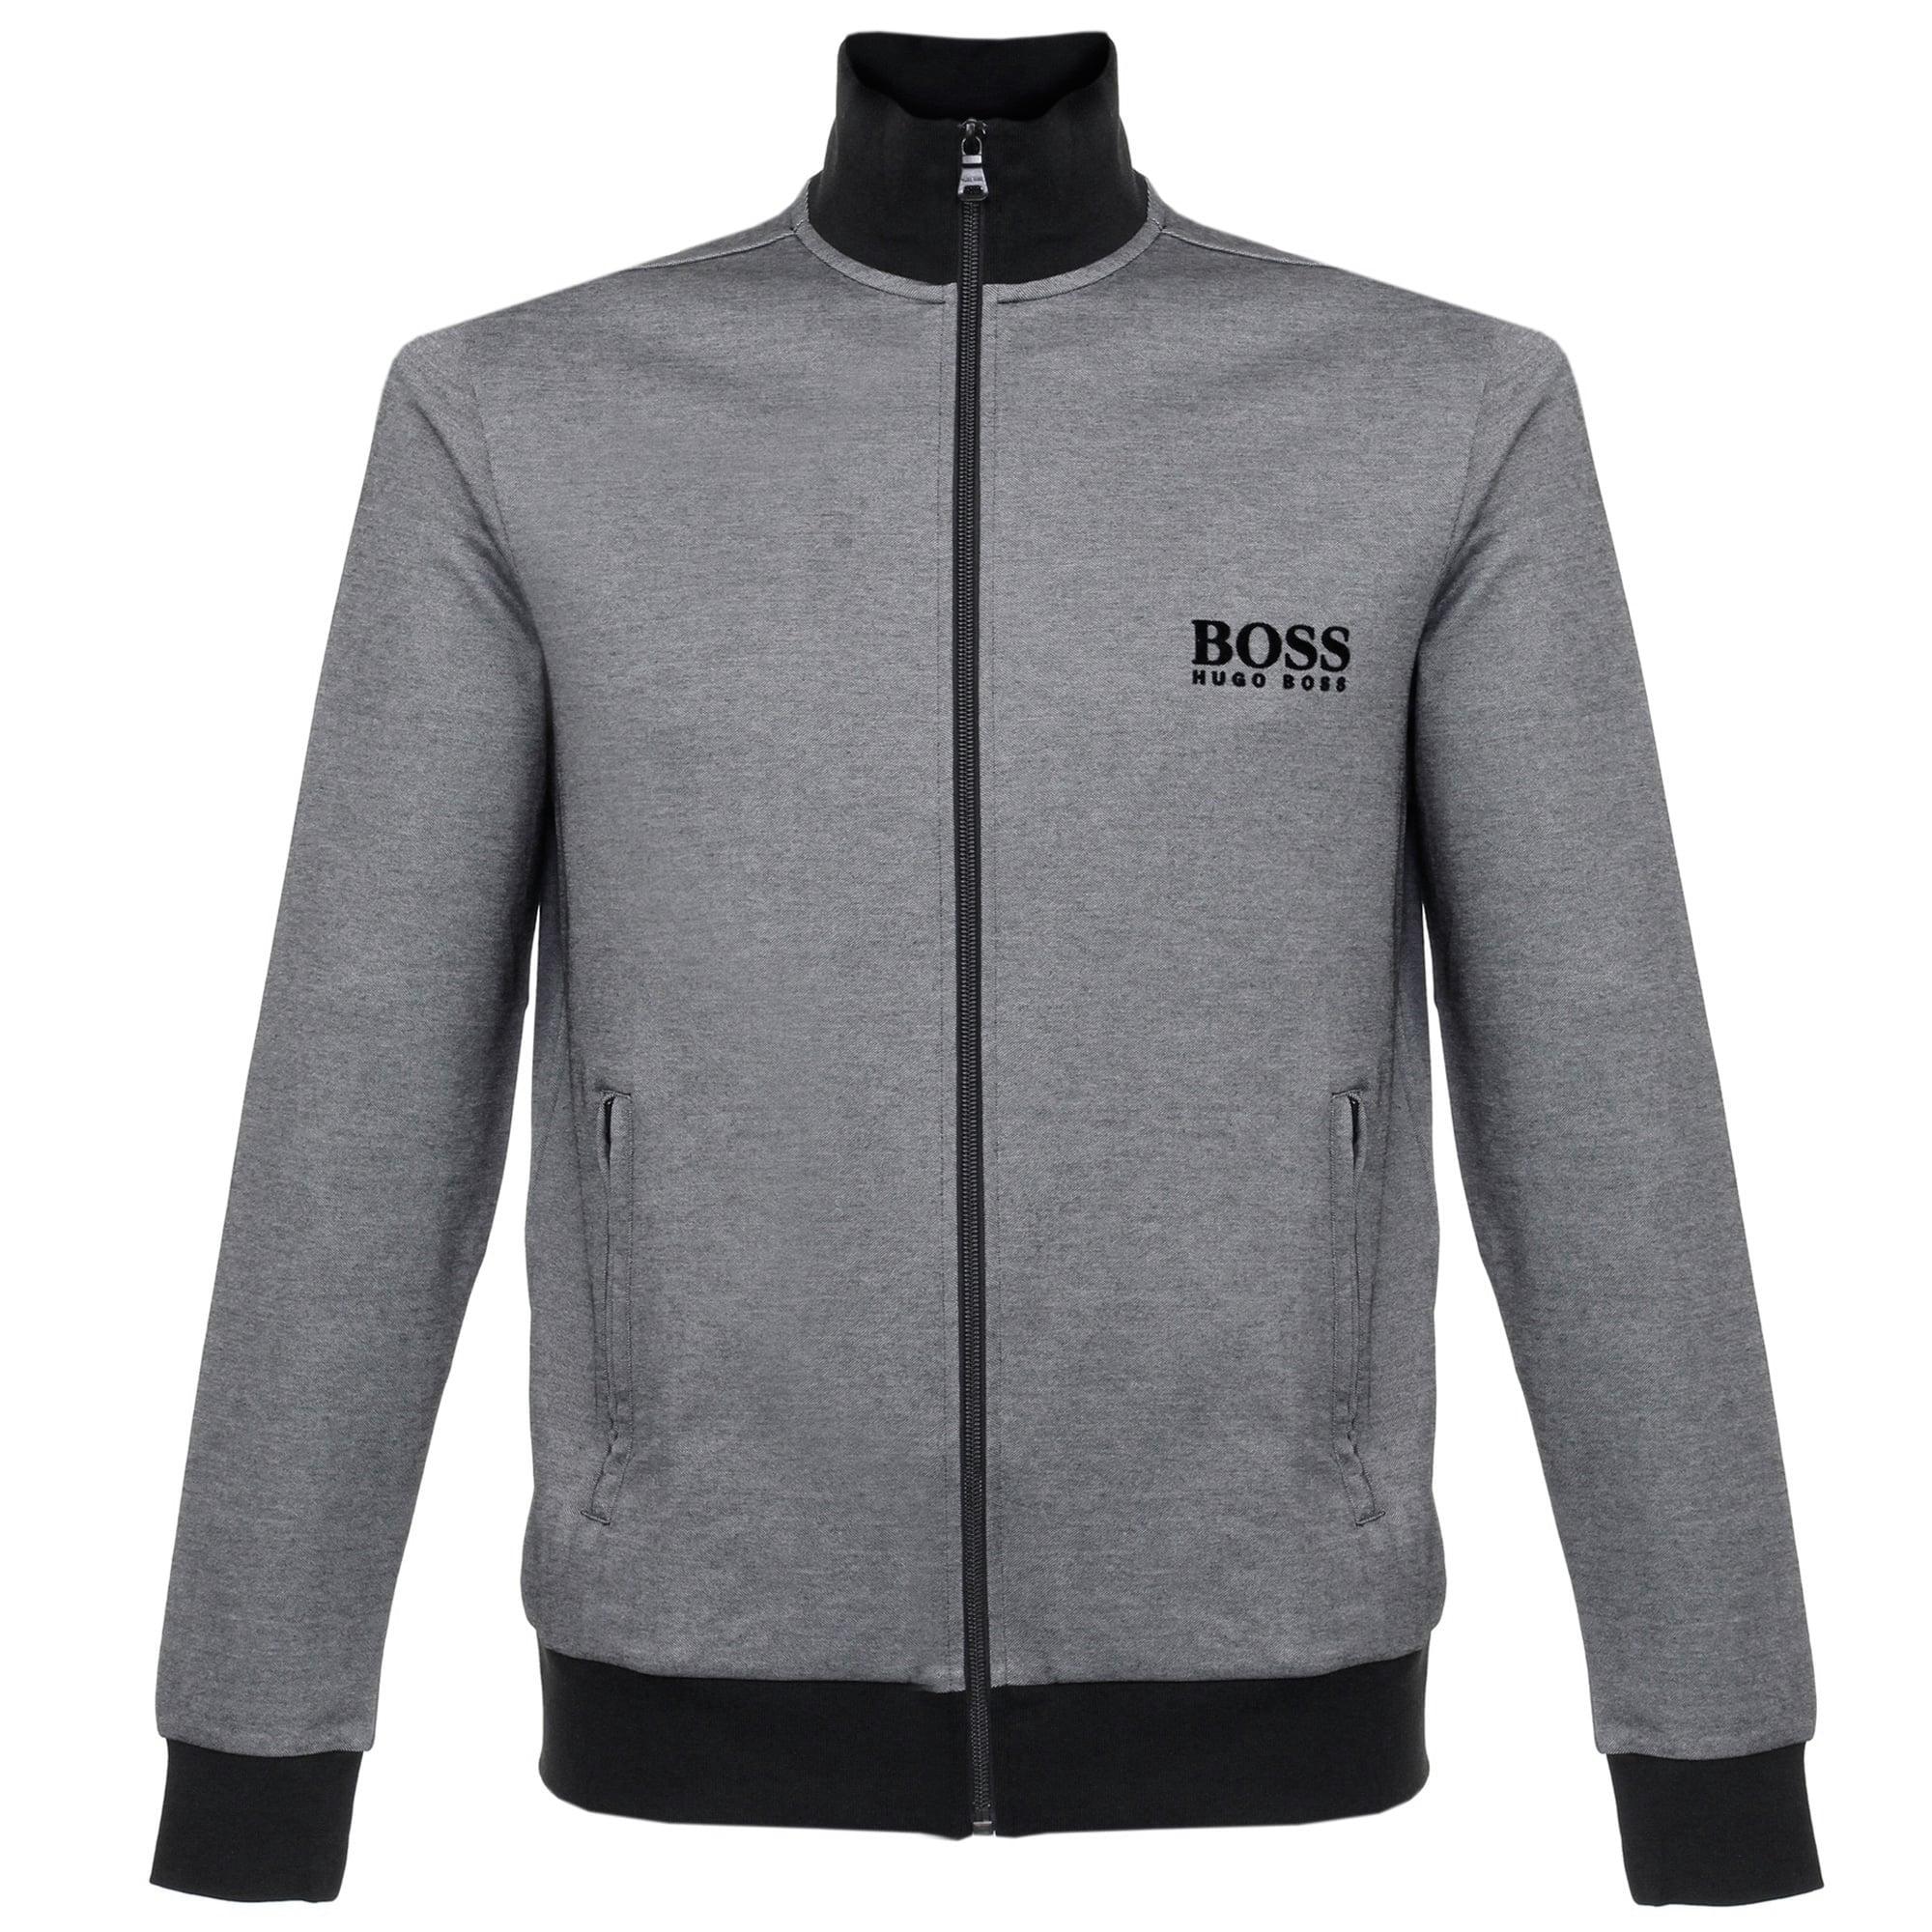 Hugo Boss Pea Coat Canada - Tradingbasis 611367a3af